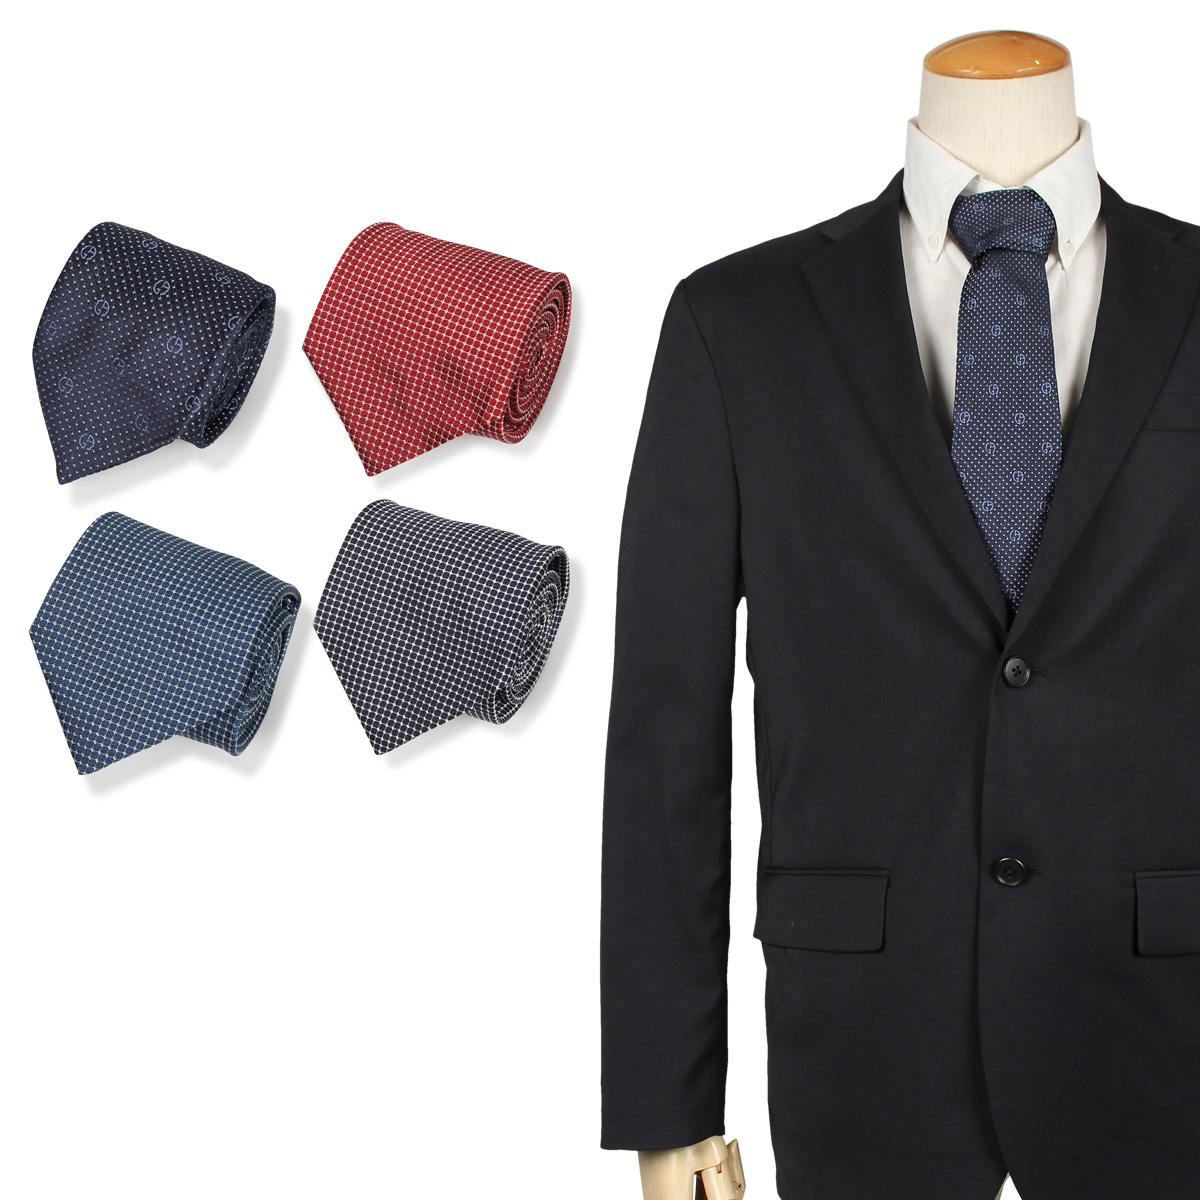 GIORGIO ARMANI ジョルジオ アルマーニ ネクタイ メンズ イタリア製 シルク ビジネス 結婚式 ブラック グレー レッド ブルー 黒